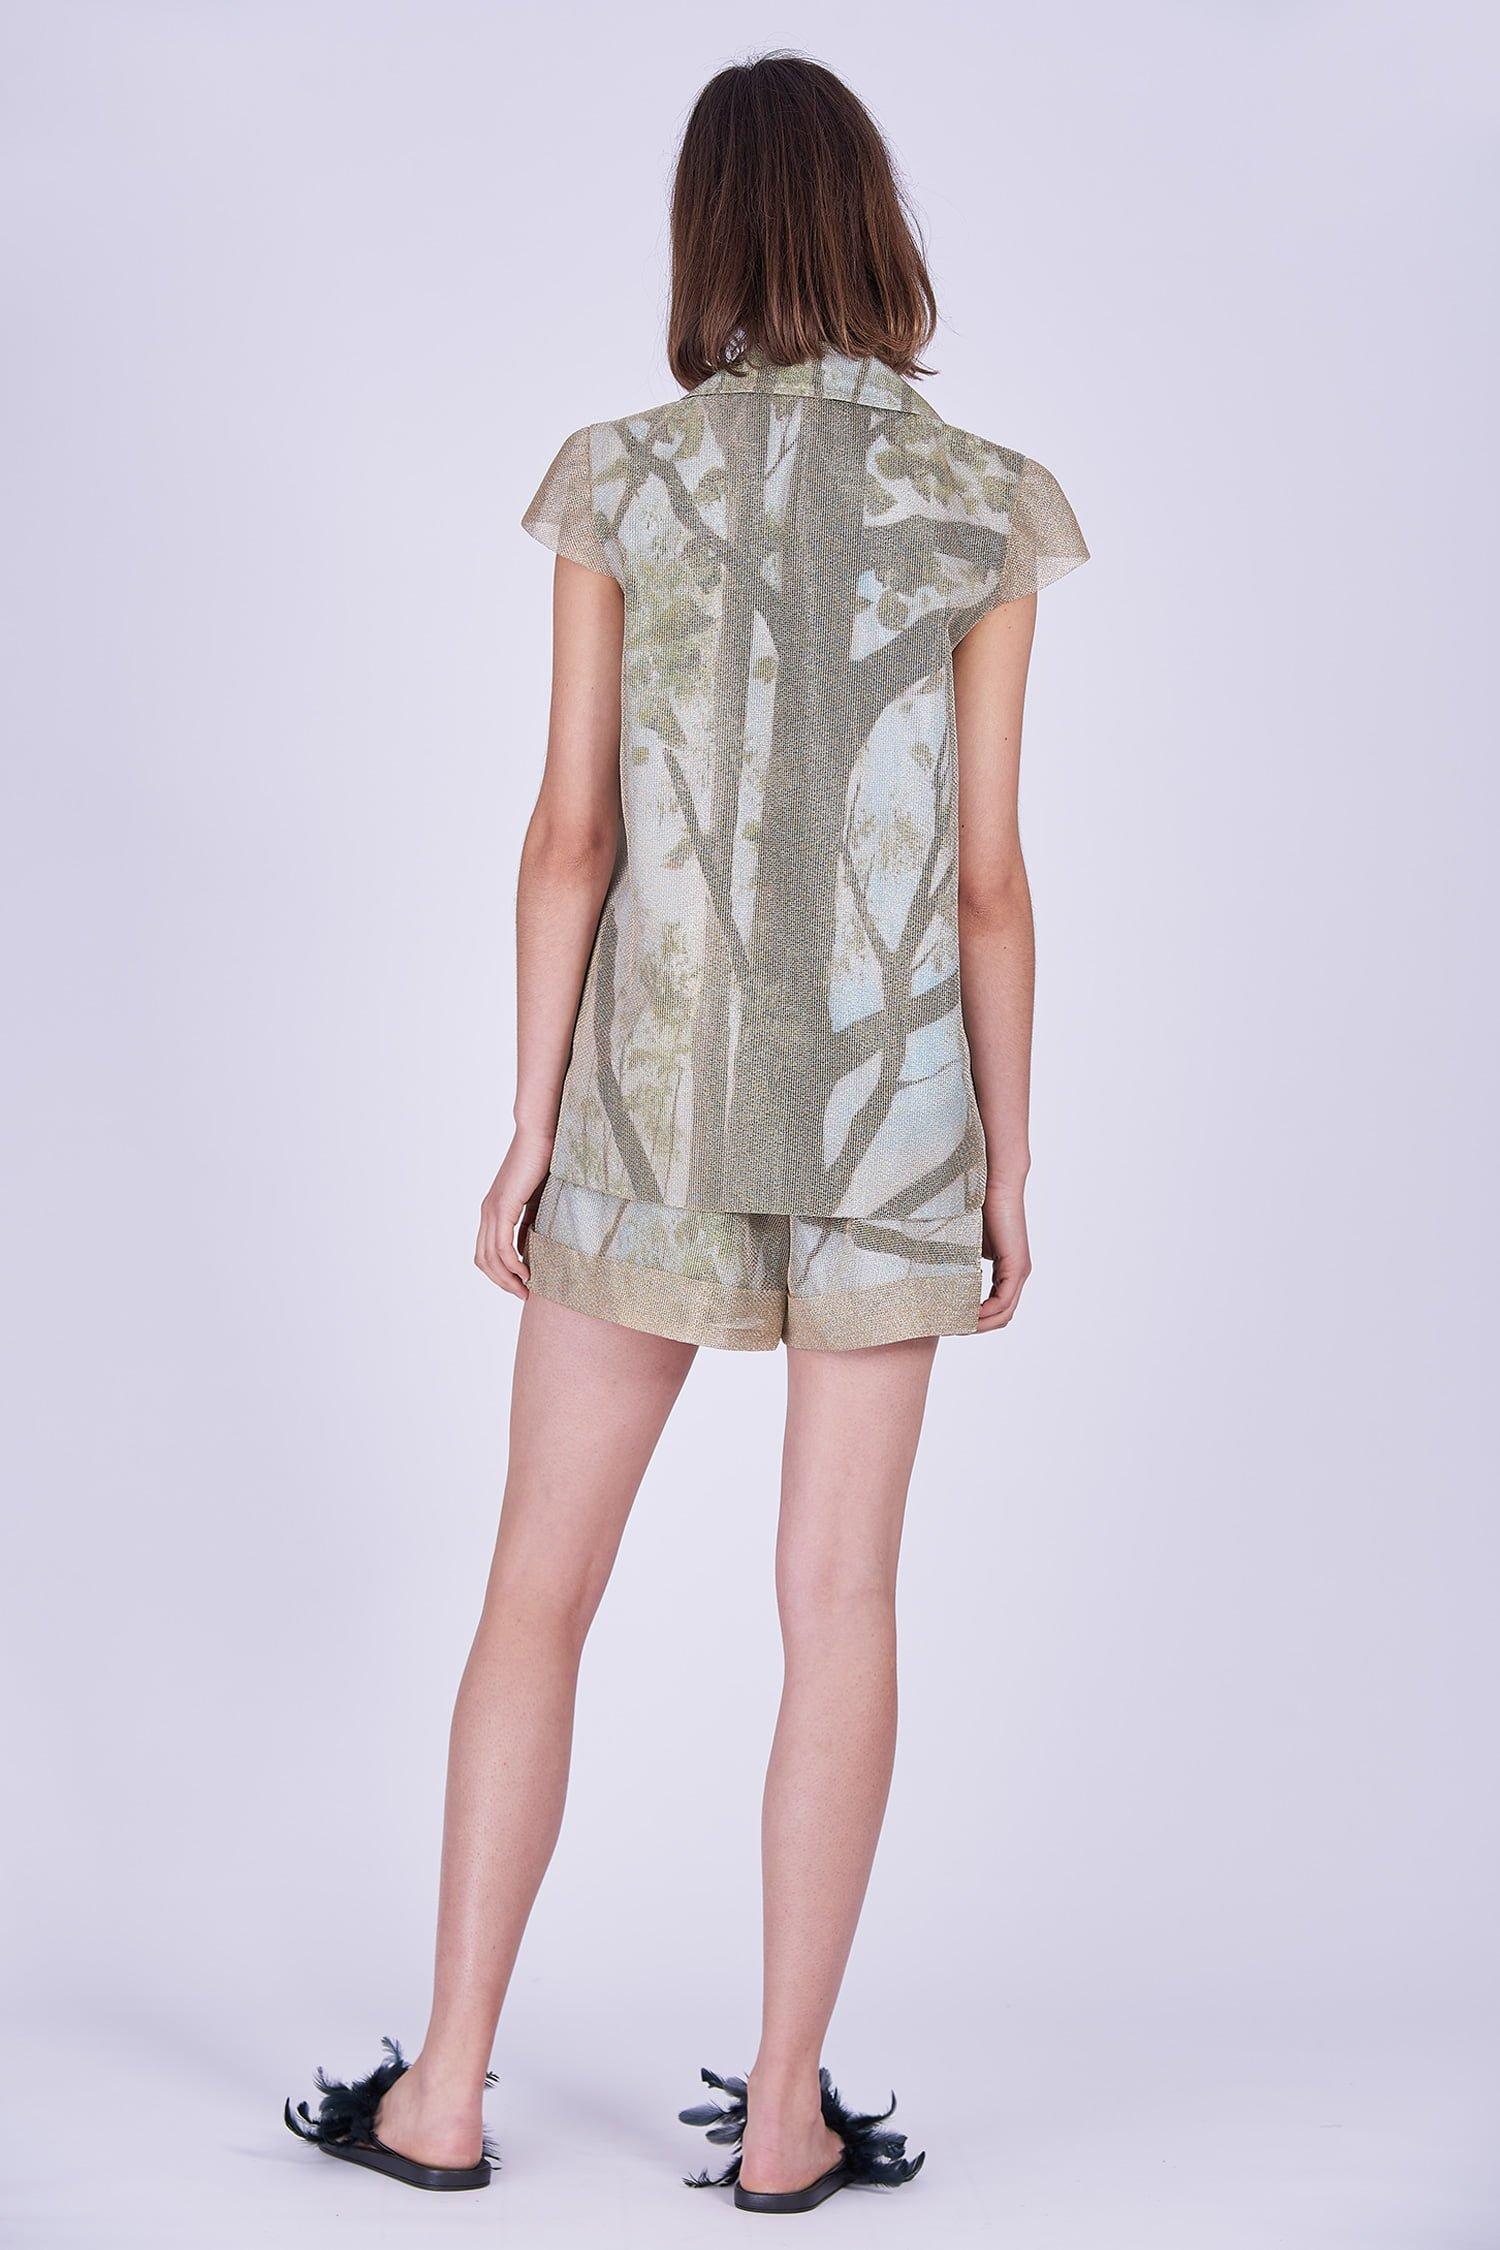 Acephala Ss2020 Gold Jacket Print Shorts Zlota Marynarka Szorty Back